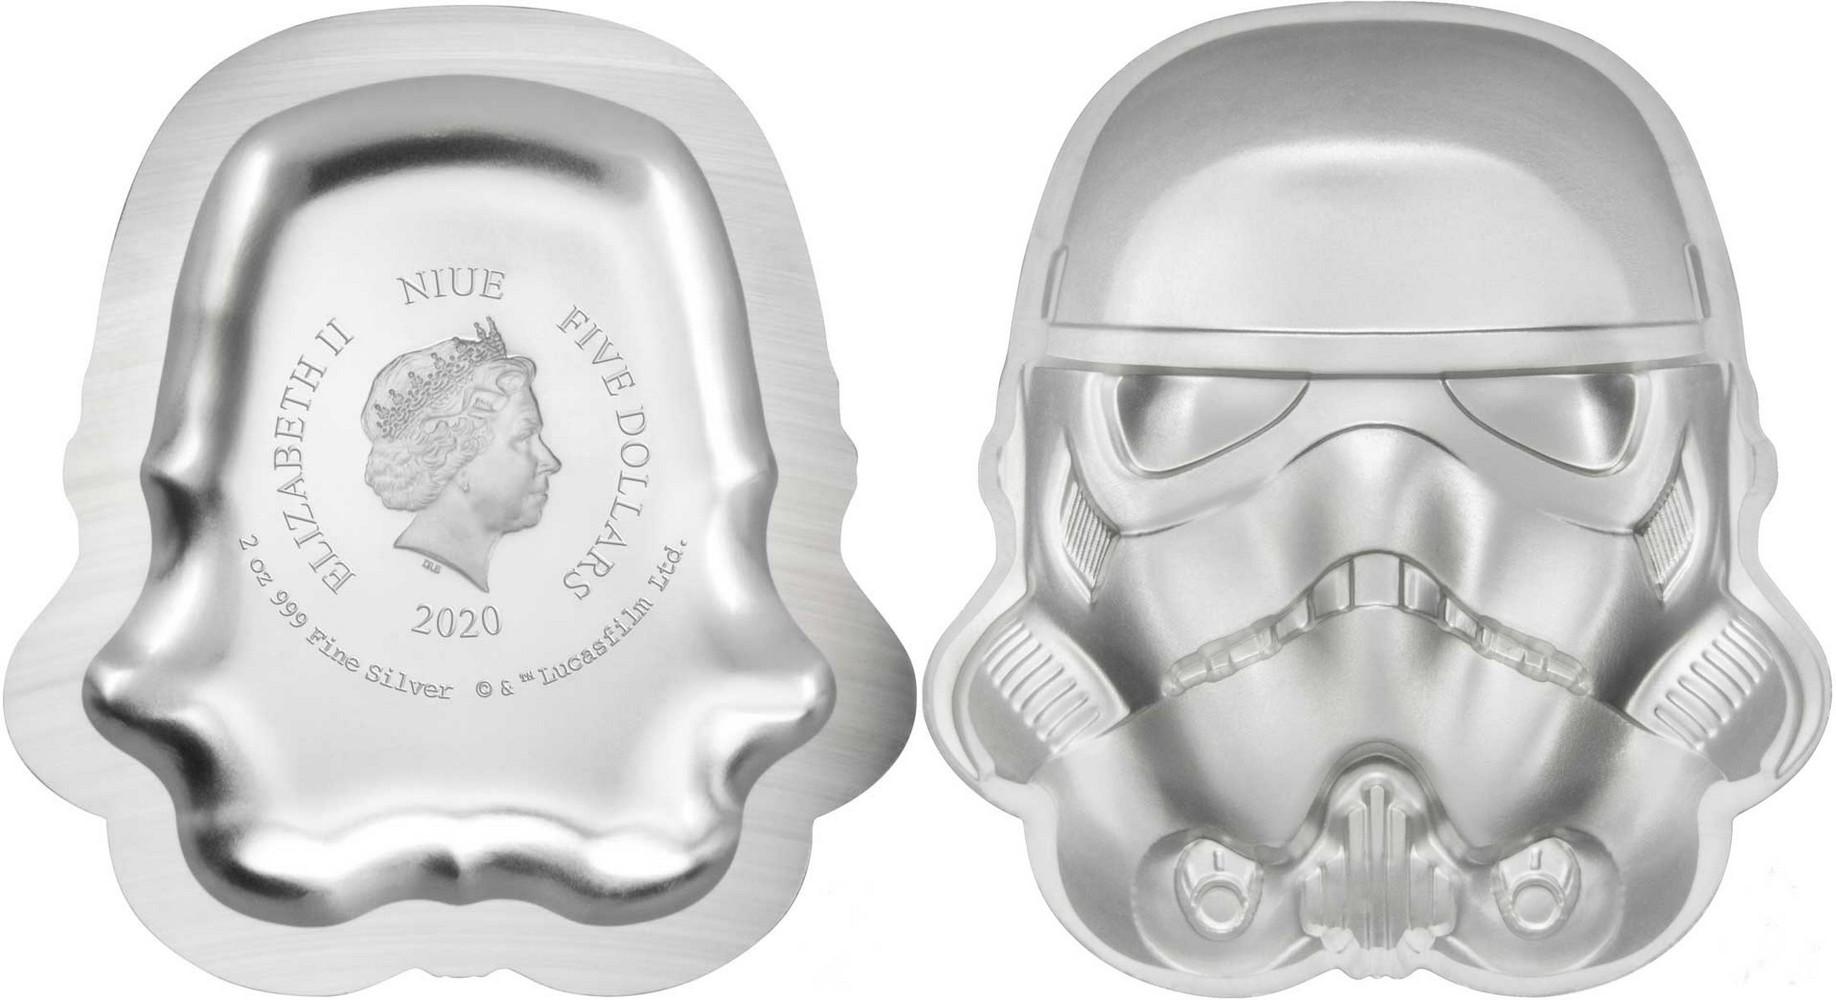 niue-2020-star-wars-casque-stormtrooper